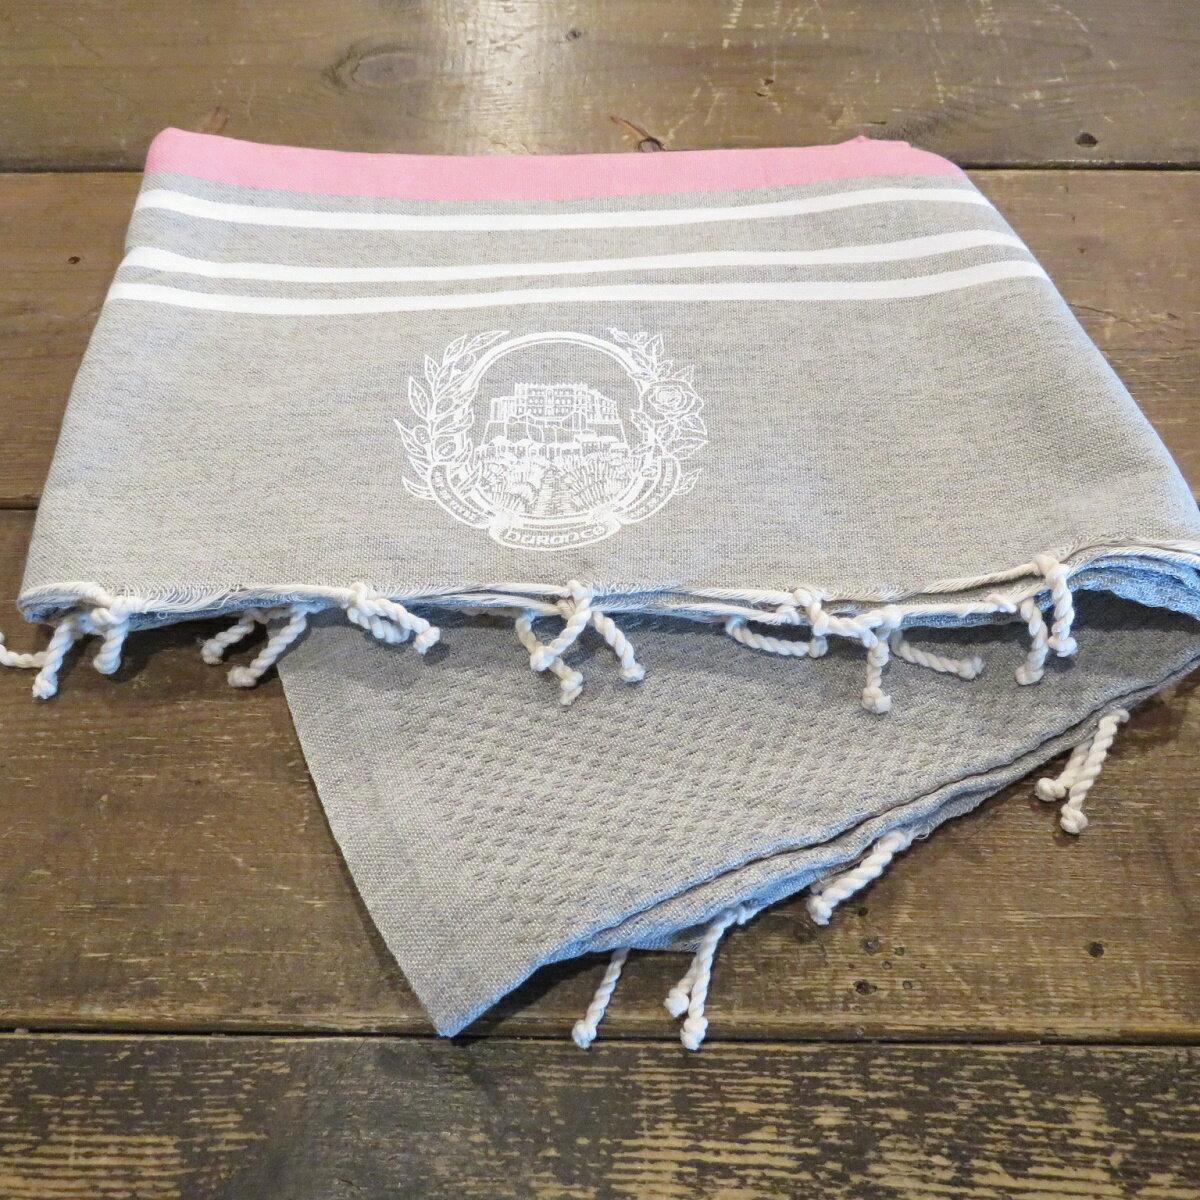 【在庫処分】DURANCEデュランス スローケット100×200センチ 綿100% Beach Towel